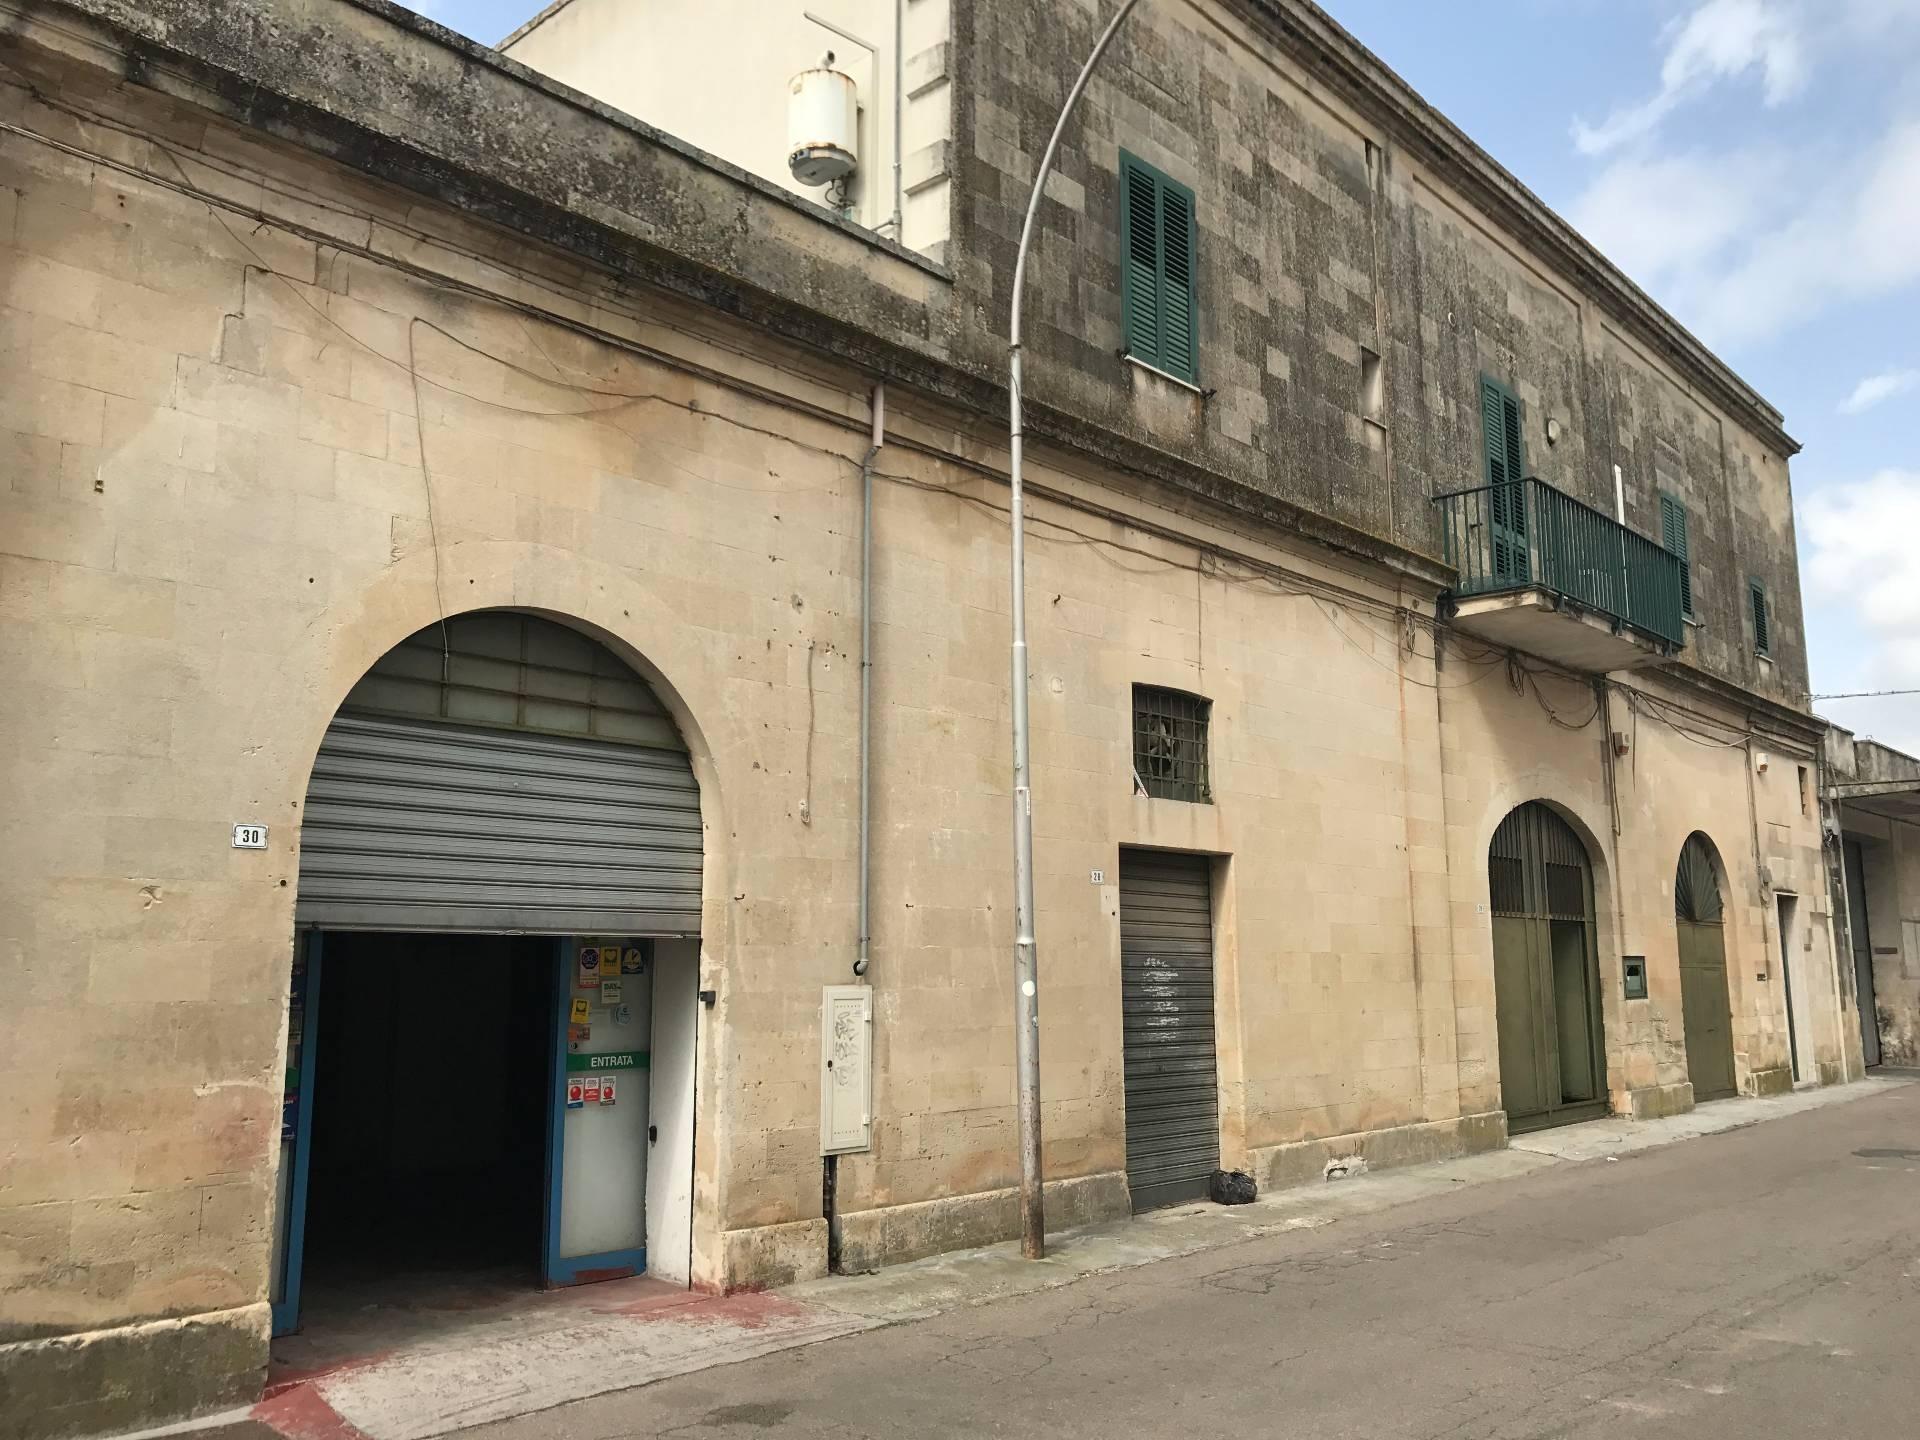 Negozio / Locale in vendita a Muro Leccese, 9999 locali, prezzo € 395.000 | CambioCasa.it